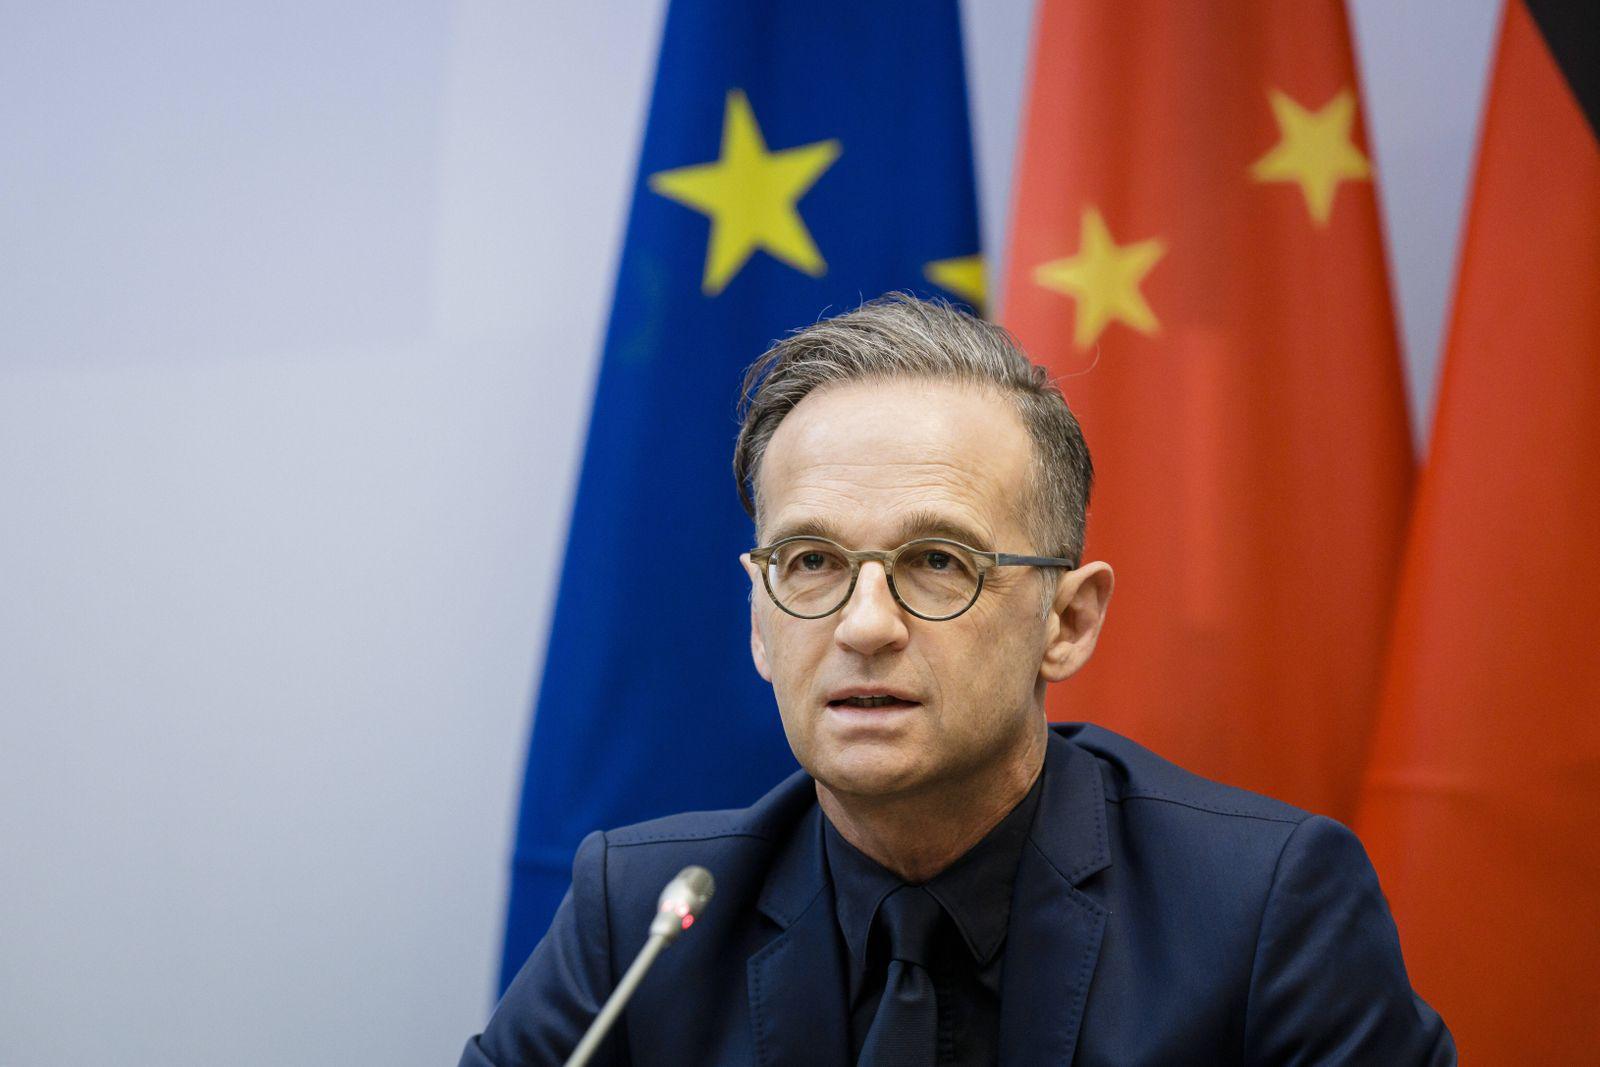 Bundesaussenminister Heiko Maas, SPD, aufgenommen im Rahmen einer Videokonferenz mit dem Chinesischen Aussenminister Wan